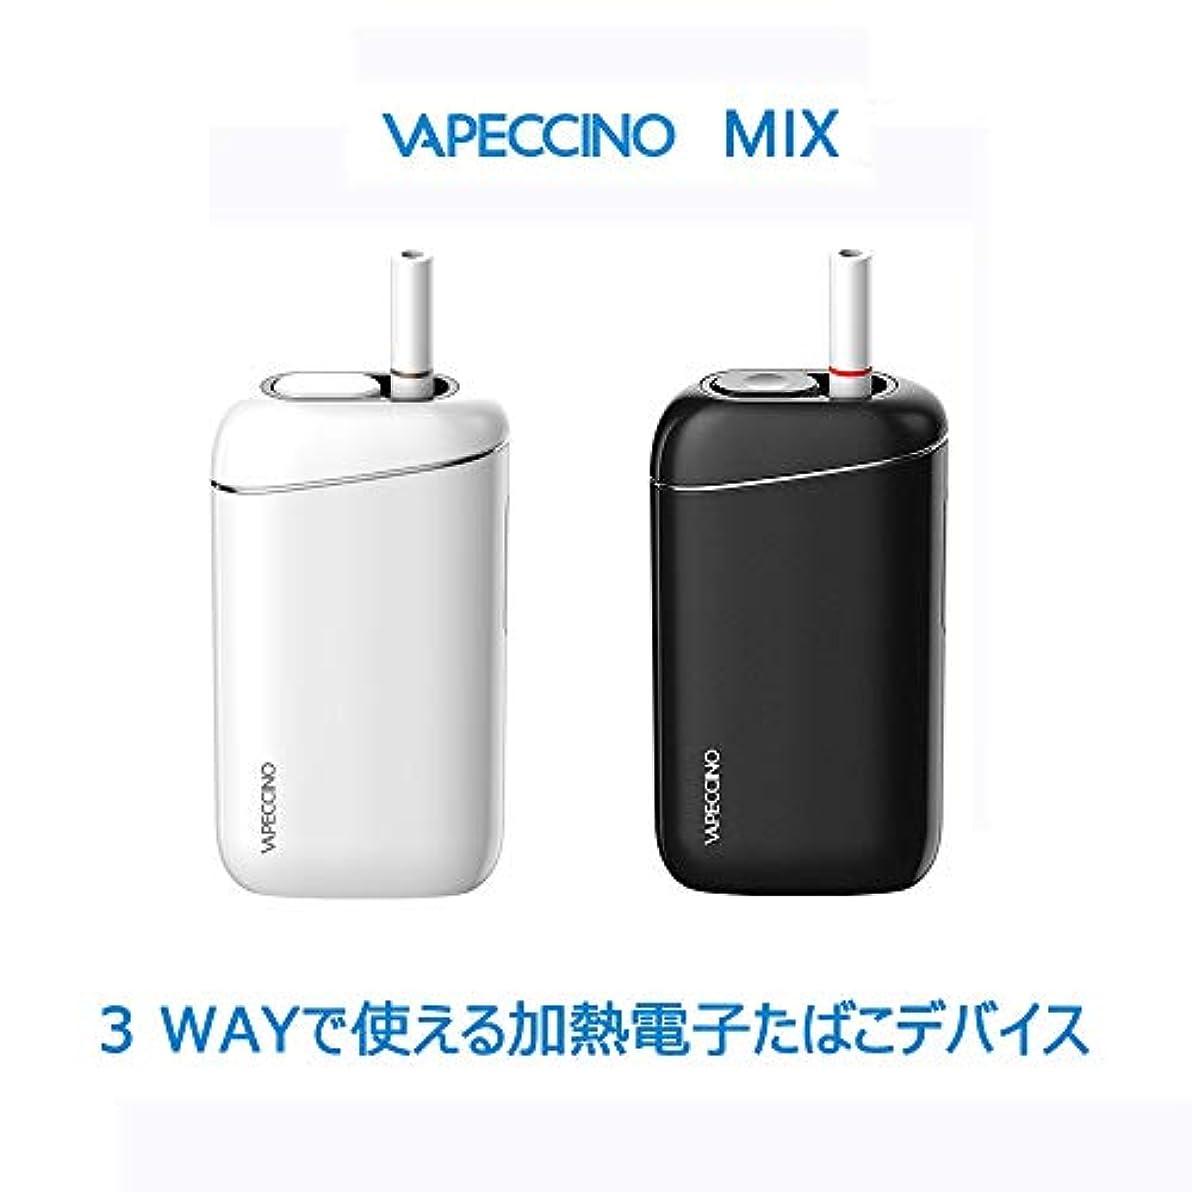 次前売これらVAPECCINO MIX加熱式たばこ 互換機 「VAPE?たばこスティック?たばこカプセル 対応電子タバコ」 2500mAhバッテリー 約20本連続喫煙可能 (ブラック)